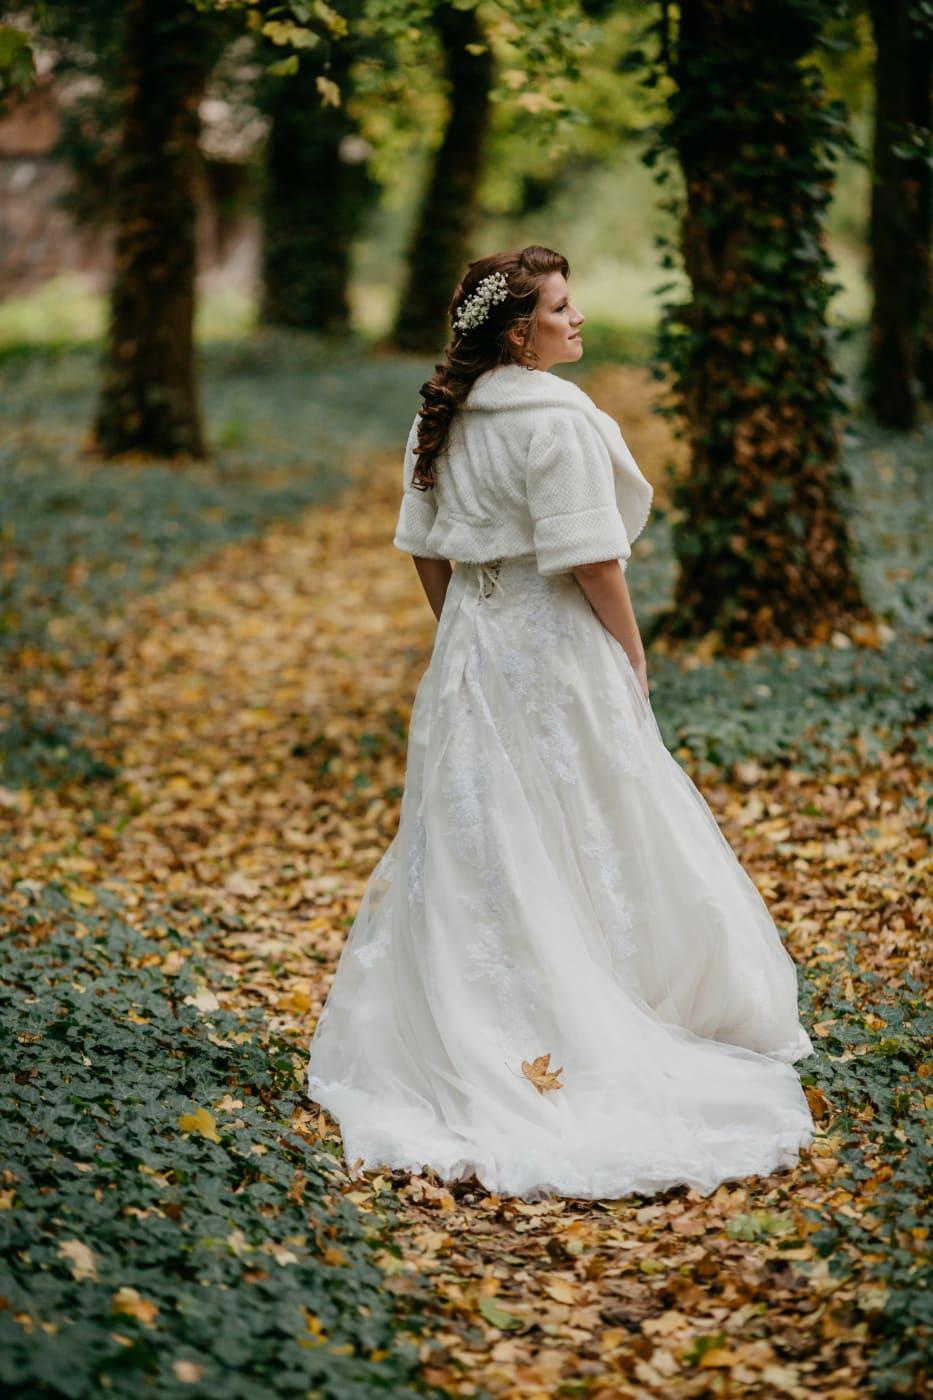 robe, robe de mariée, blanc, la mariée, forêt, princesse, seul, mariage, jeune fille, Portrait